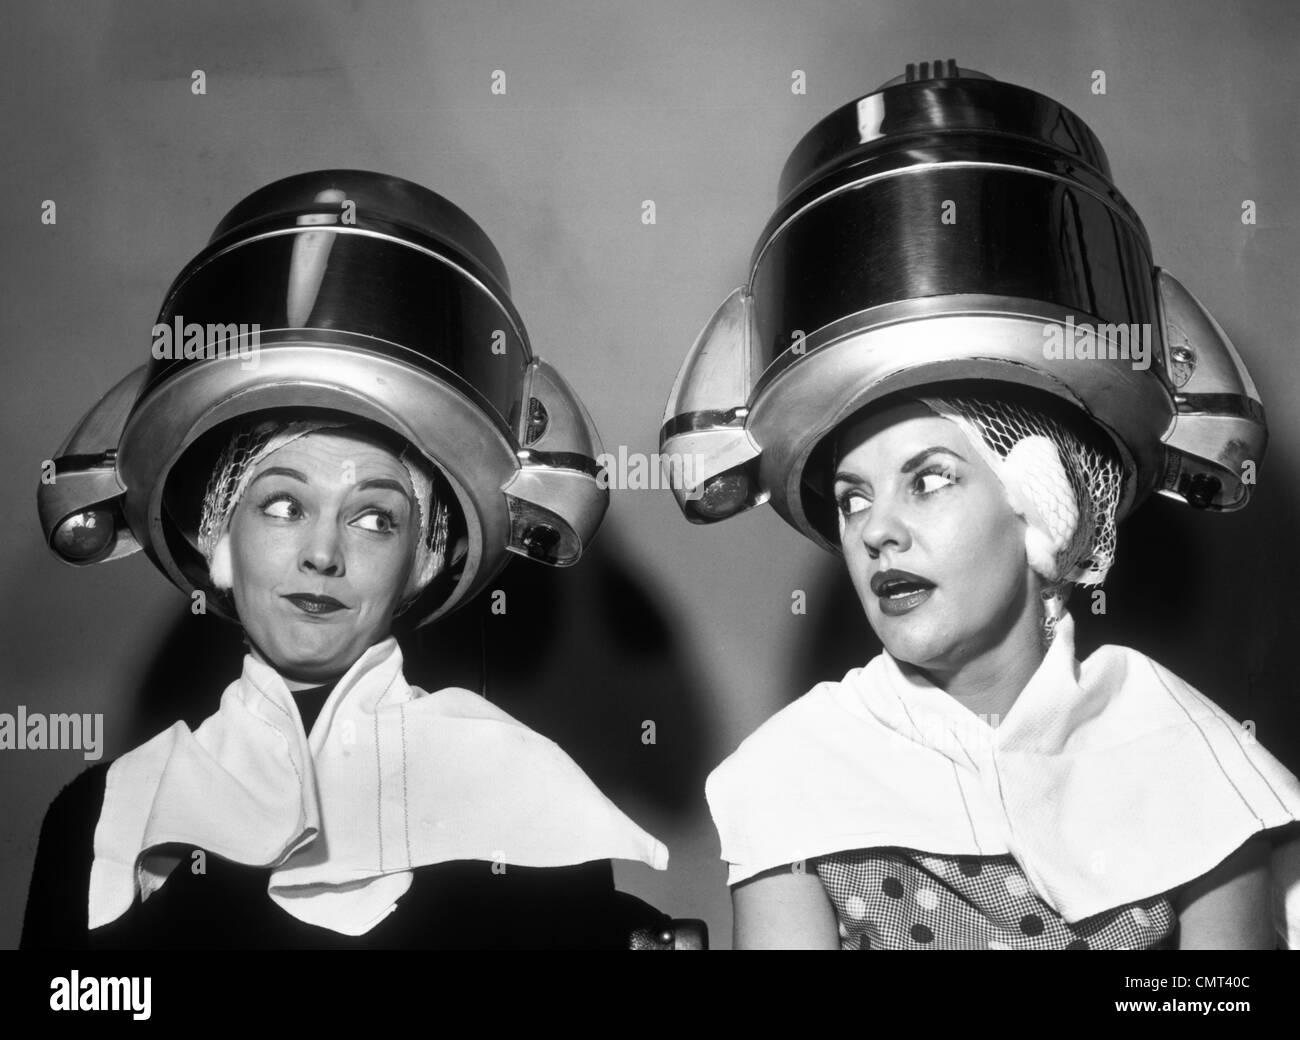 Années 50, deux femmes siégeant ensemble COMMÉRAGE SOUS COIFFURE Sèche cheveux Photo Stock